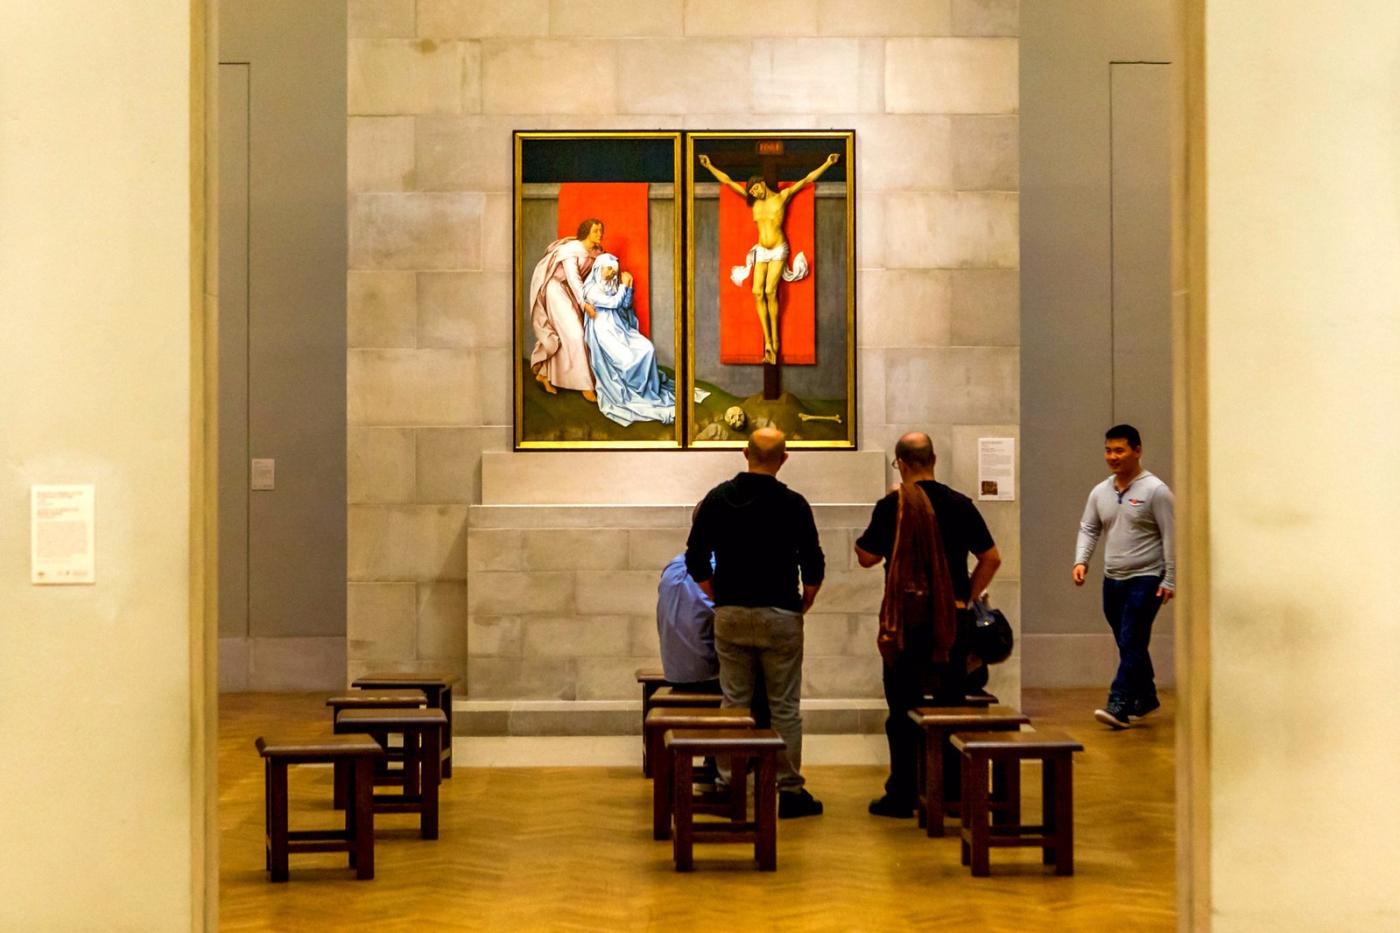 费城艺术馆,光影下的艺术品_图1-5